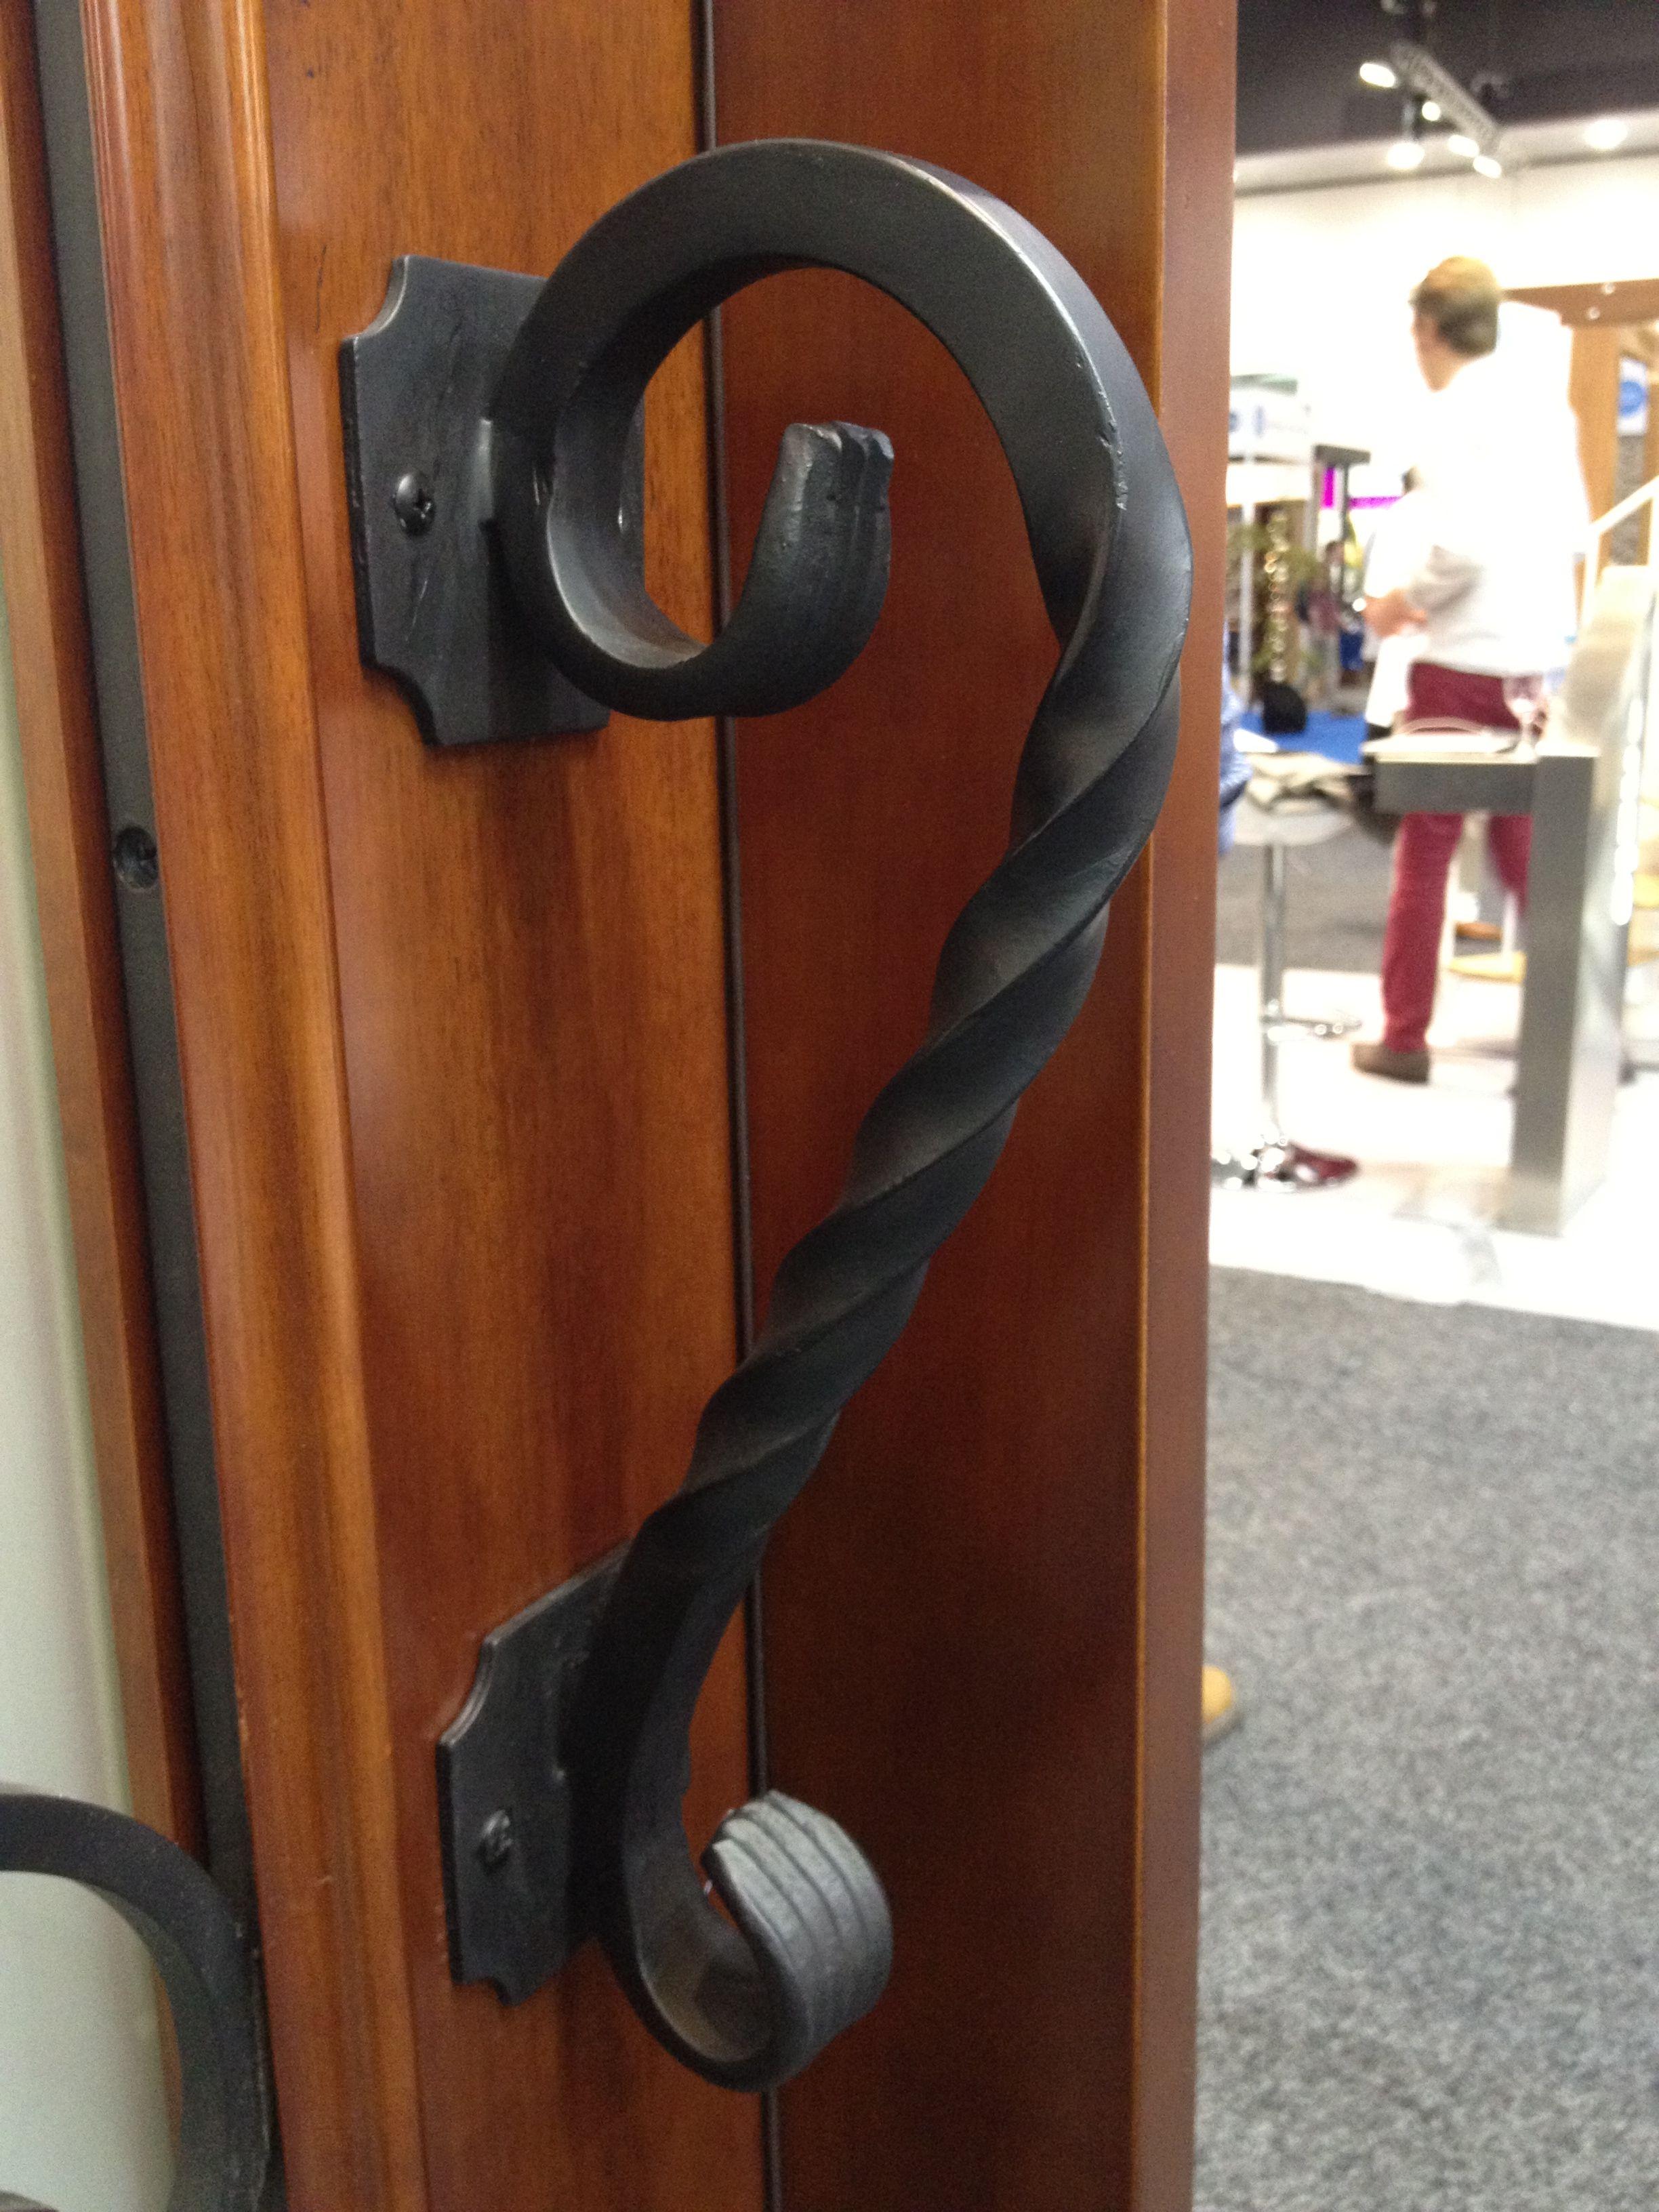 house front door handle. Black Wrought Iron Exterior Door Handles House Front Handle I